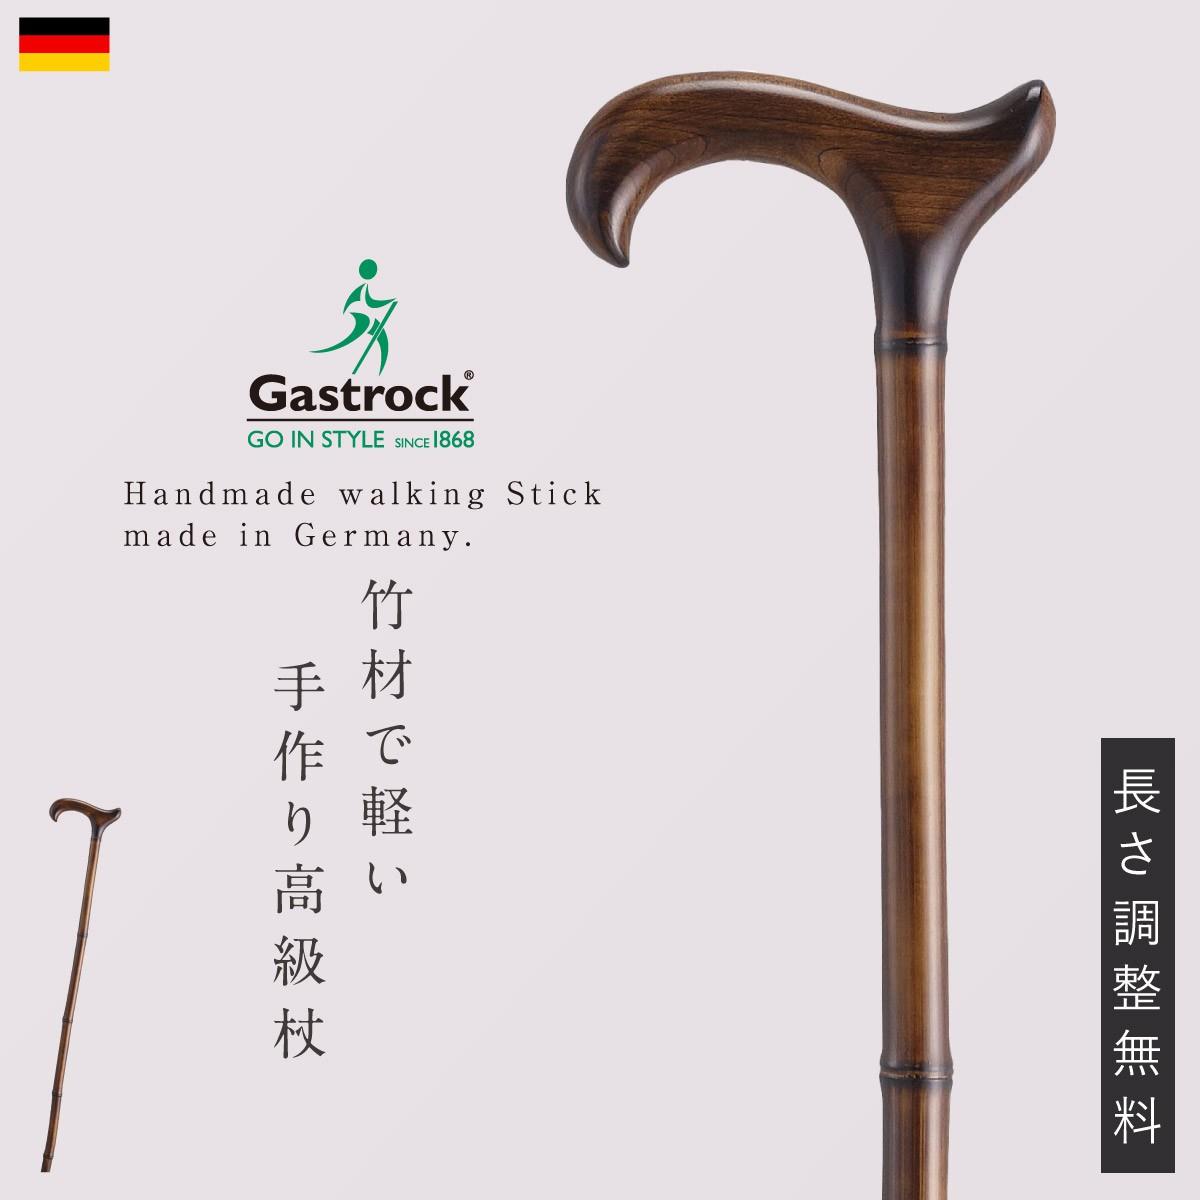 一本杖 木製杖 ステッキ ドイツ製 1本杖 ガストロック社 GA-8 ギフト プレゼント 贈り物